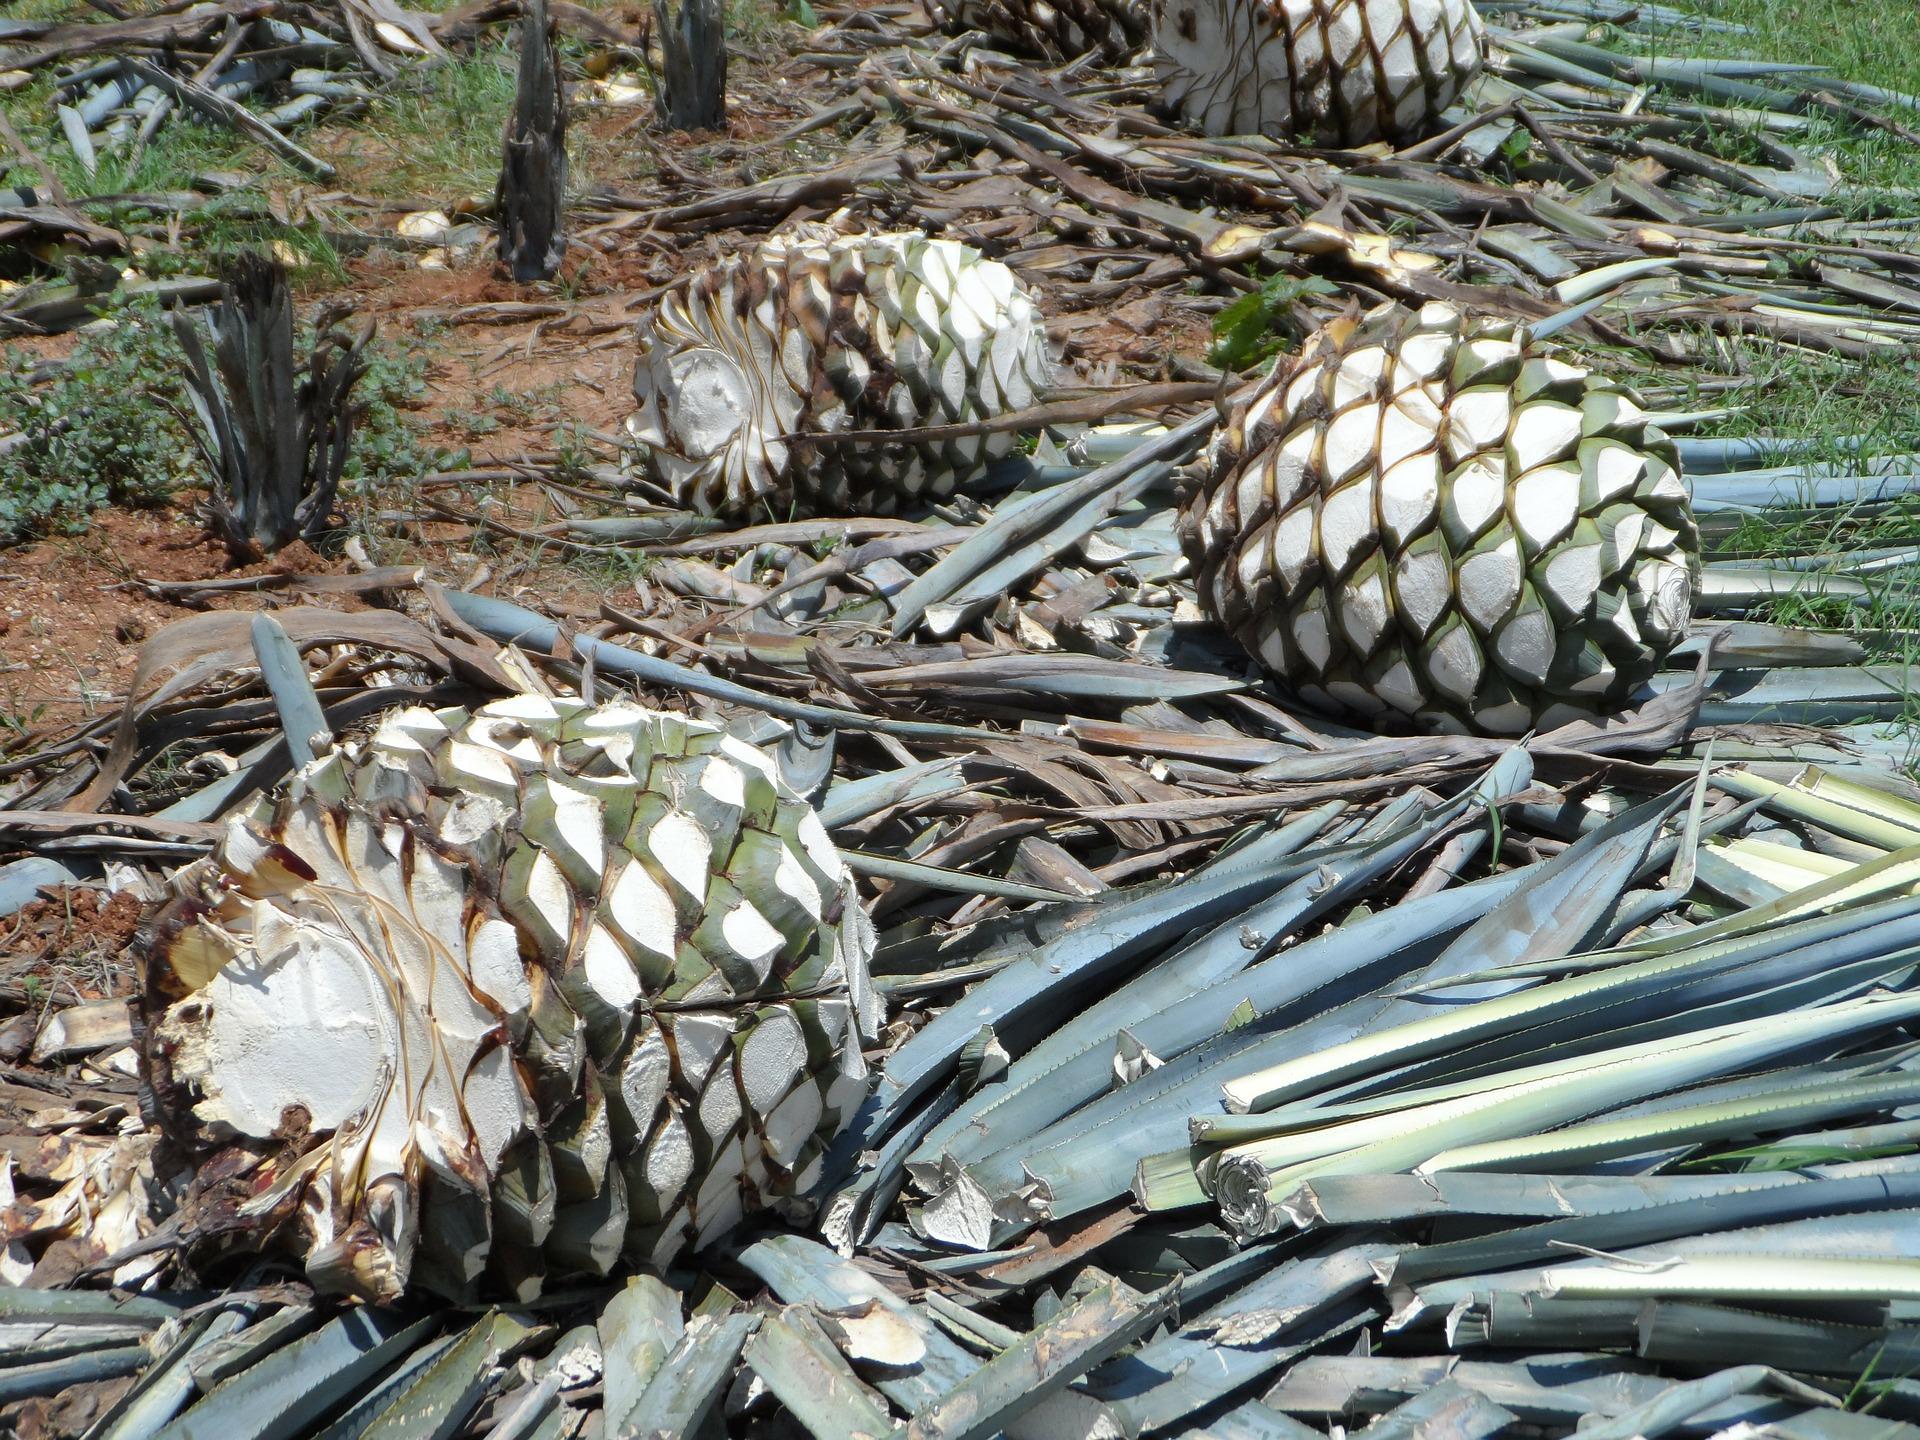 Agavenherzen, die man für die Herstellung von Mezcal von Blättern befreit hat, sehen aus wie Ananas - deswegen nennt man sie Piñas.